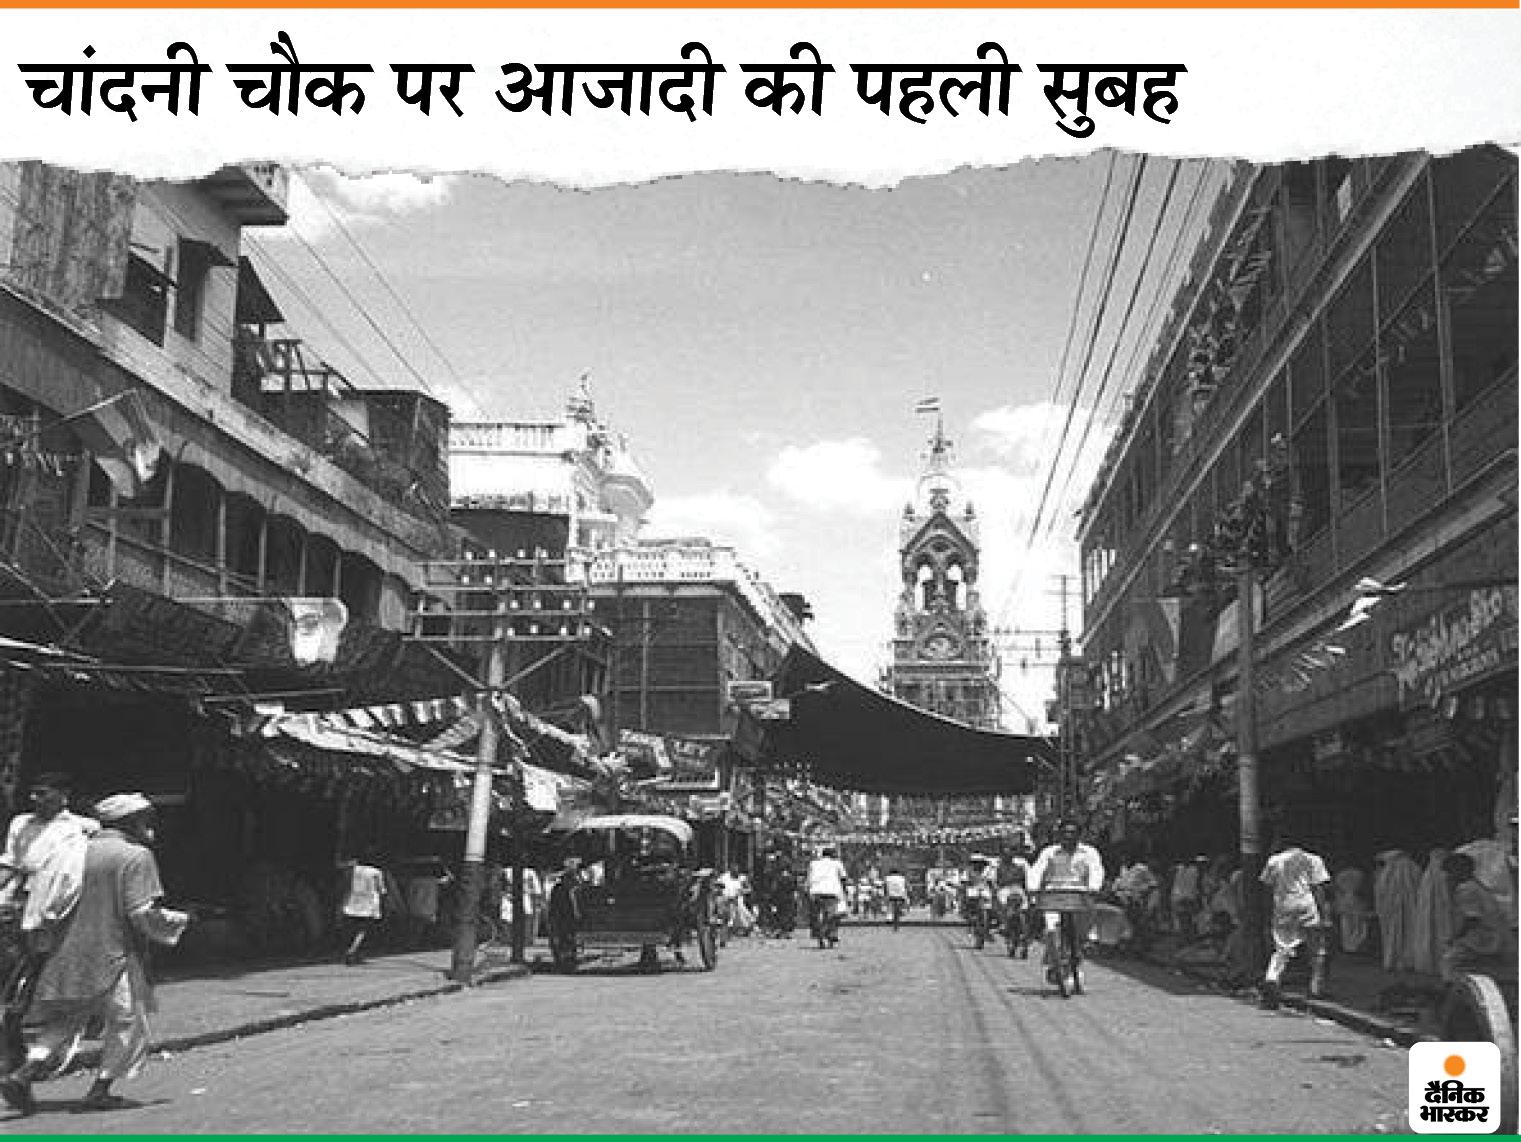 तस्वीर पहले स्वतंत्रता दिवस की है। दिल्ली के चांदनी चौक की।